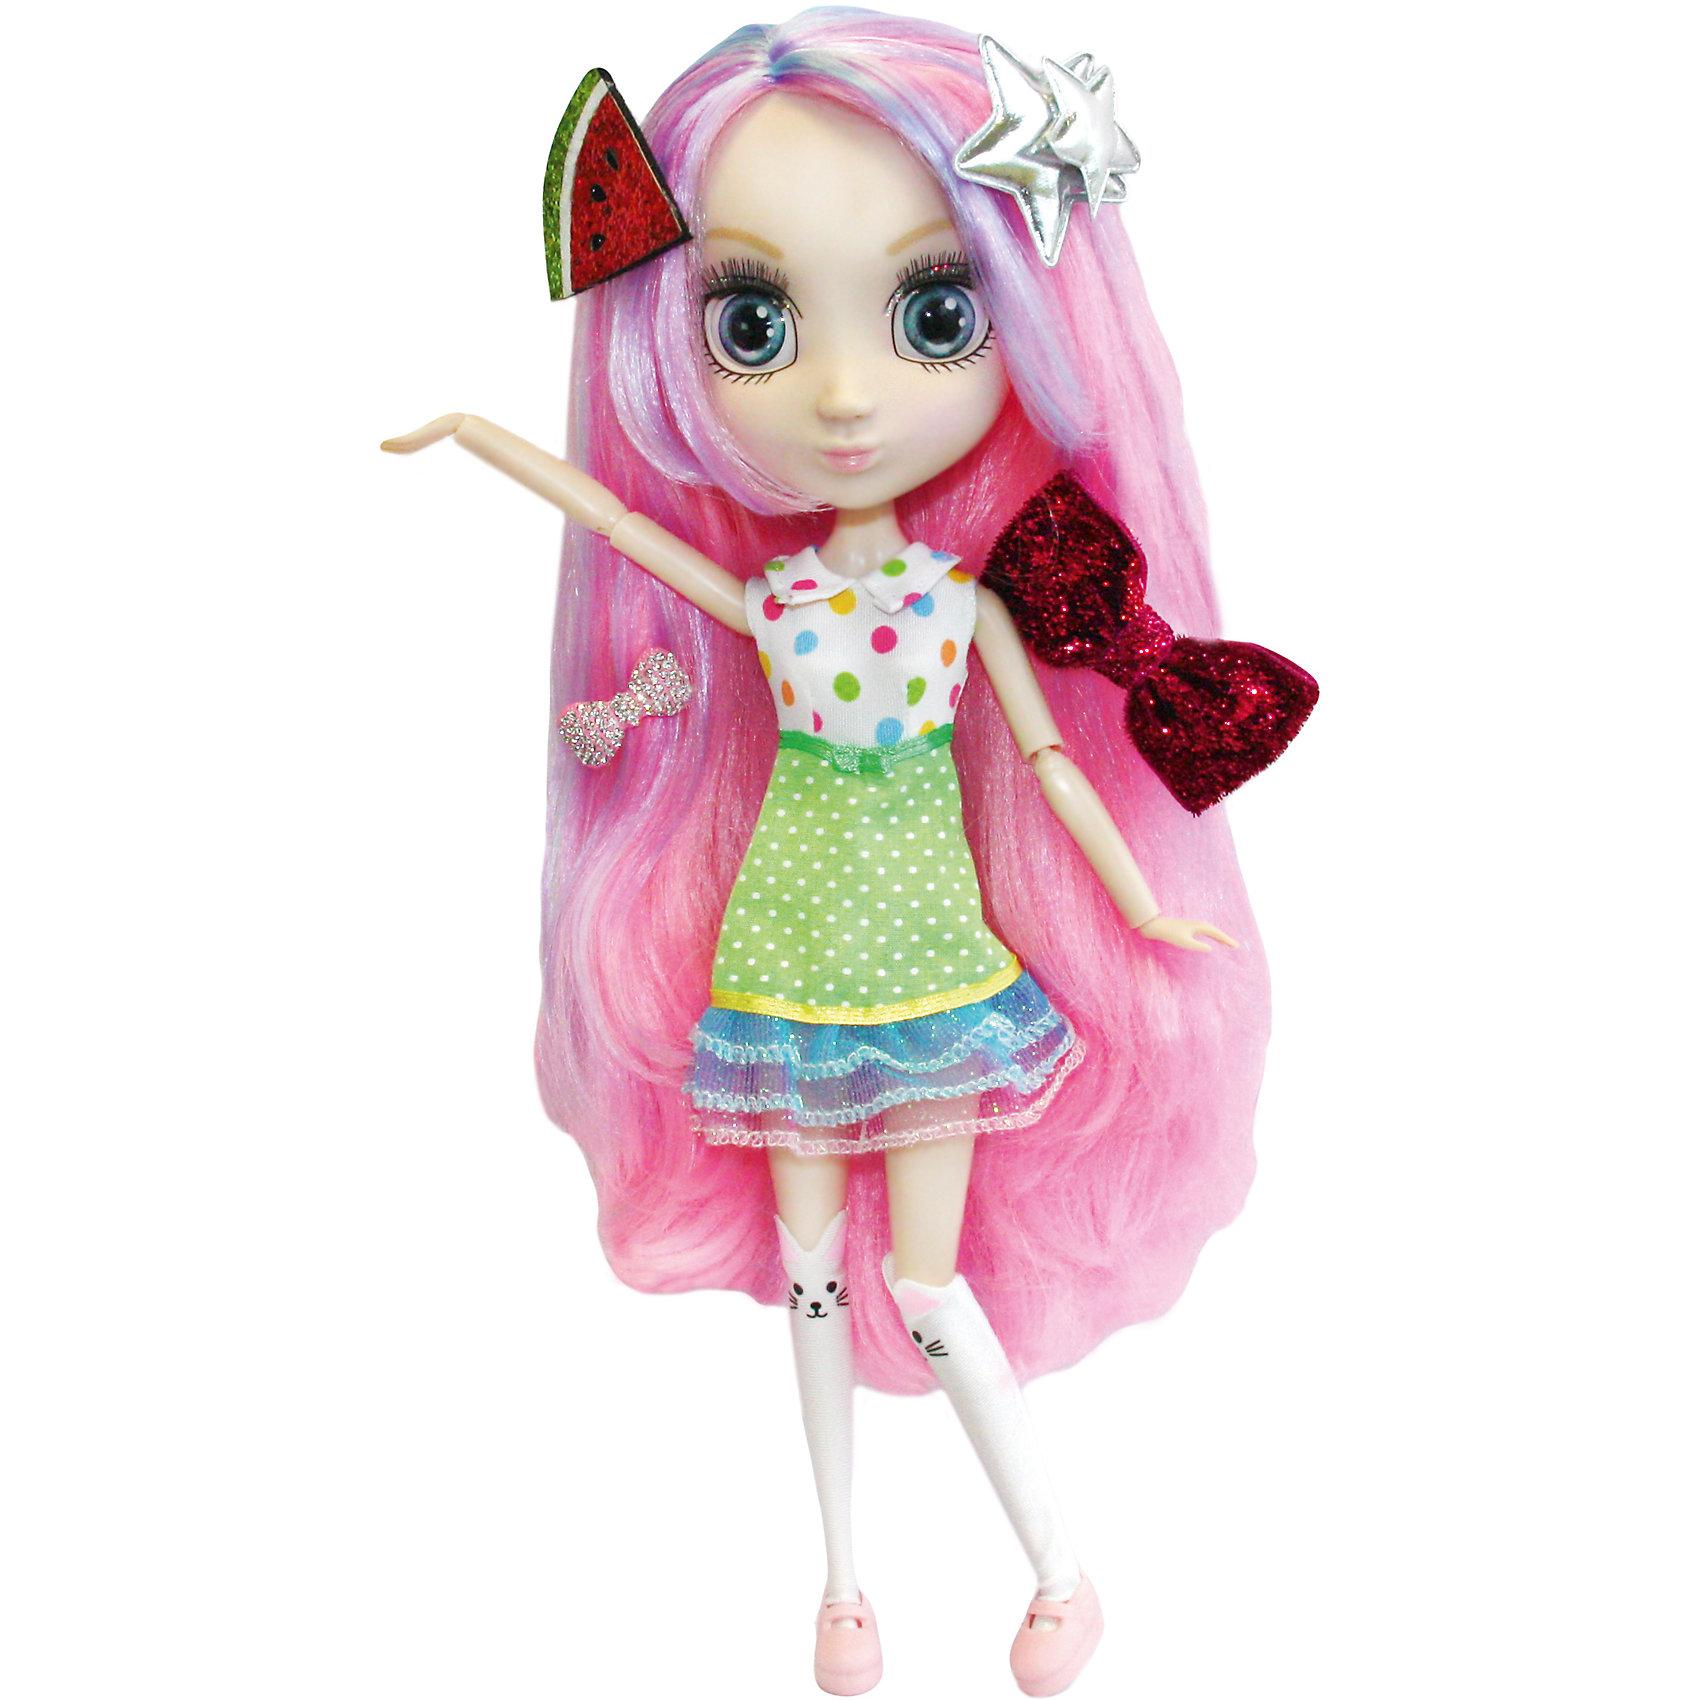 Кукла Сури, 33см, Шибадзуку ГерлзБренды кукол<br>Кукла Сури, 33см, Шибадзуку Герлз<br><br>Характеристики:<br><br>• модная кукла с реалистичными глазами<br>• длинные ресницы<br>• длинные густые волосы<br>• в комплекте: кукла, заколки, аксессуары<br>• высота куклы: 33 см<br>• материал: пластик, текстиль<br>• размер упаковки: 20,6х38,1х10,2 см<br>• вес: 600 грамм<br><br>Шибадзуку Герлз - куклы, поражающие своей красотой и реалистичностью. У них широкие глаза с пышными ресницами и длинные густые волосы. Руки и ноги кукол подвижны. Сури очень любить готовить капкейки и, к тому же, обожает яркие цвета. Именно поэтому ее волосы украшены необычной заколочкой в виде арбуза. Кукла одета в короткое платье, украшенное разноцветными кружочками. На ногах девочке красуются гольфы-зайчики и аккуратные розовые ботинки. Волосы Сури тоже отличаются яркостью. Они окрашены в розовый цвет и дополнены разноцветными прядями. Вы сможете придумать для Сури свою оригинальную прическу, используя заколки и аксессуары, входящие в комплект. Сури - прекрасный подарок для маленьких модниц!<br><br>Куклу Сури, 33см, Шибадзуку Герлз вы можете купить в нашем интернет-магазине.<br><br>Ширина мм: 102<br>Глубина мм: 381<br>Высота мм: 206<br>Вес г: 600<br>Возраст от месяцев: 36<br>Возраст до месяцев: 2147483647<br>Пол: Женский<br>Возраст: Детский<br>SKU: 5397313